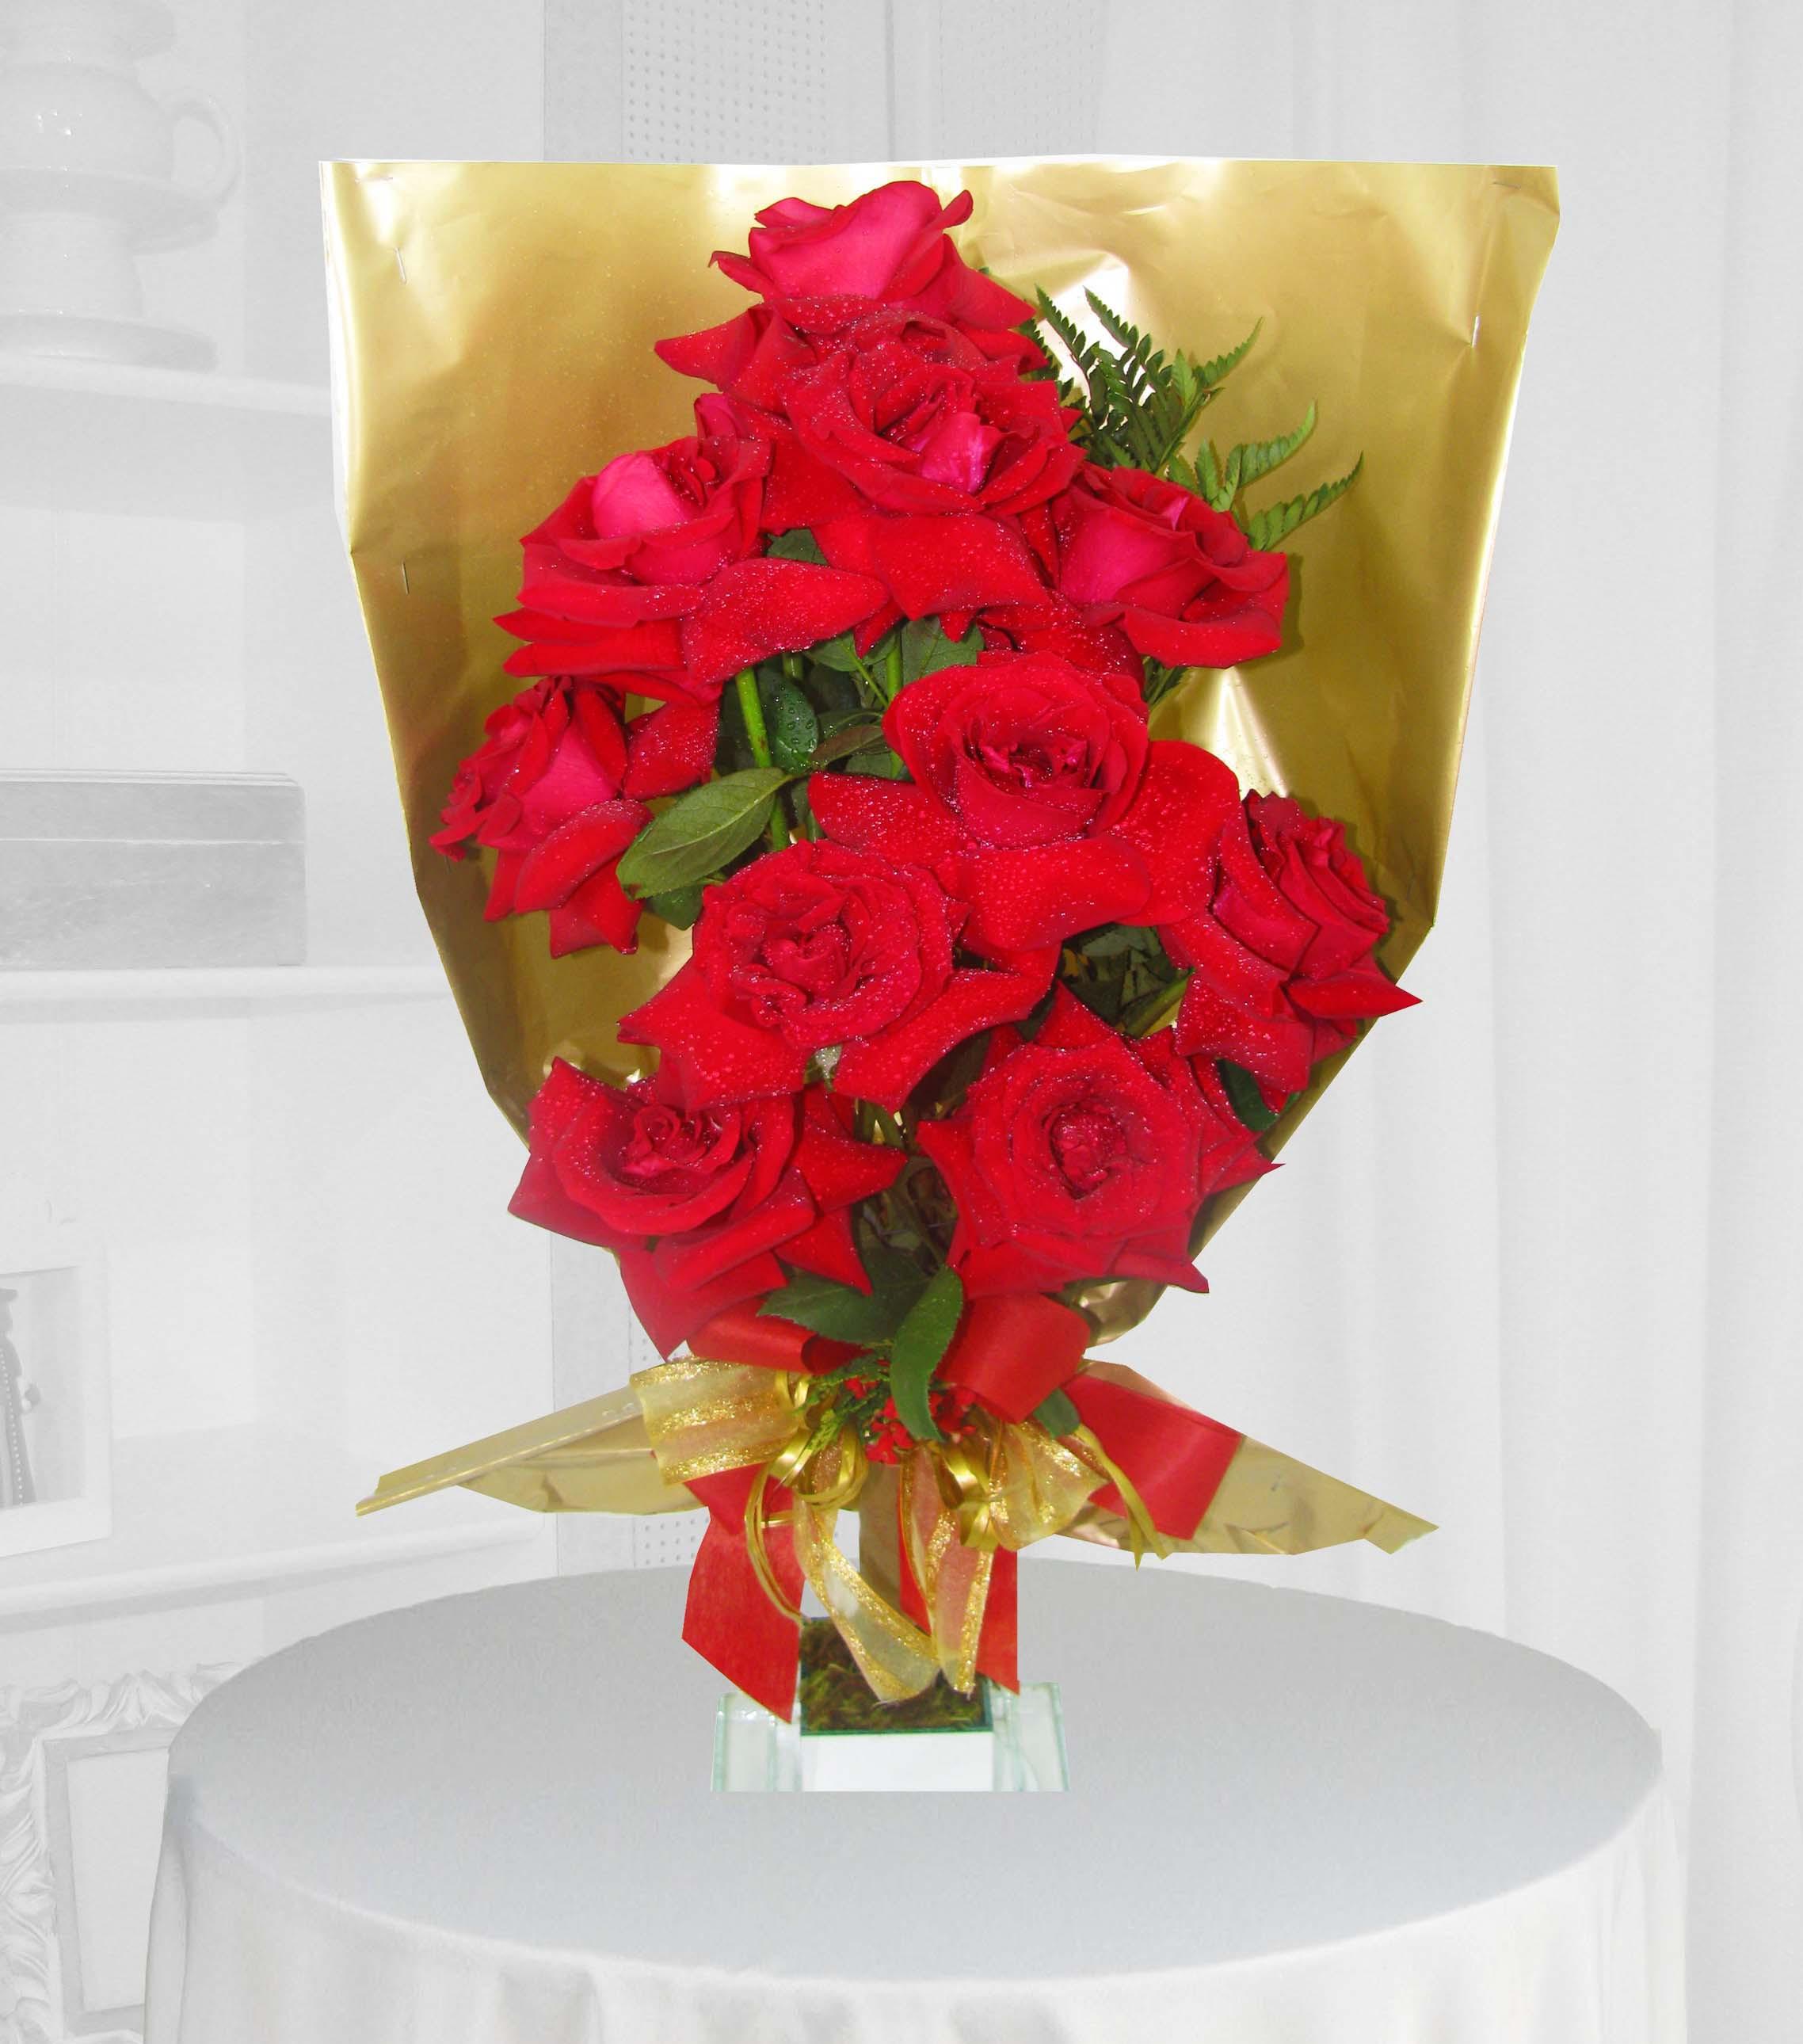 buque de flores para aniversario